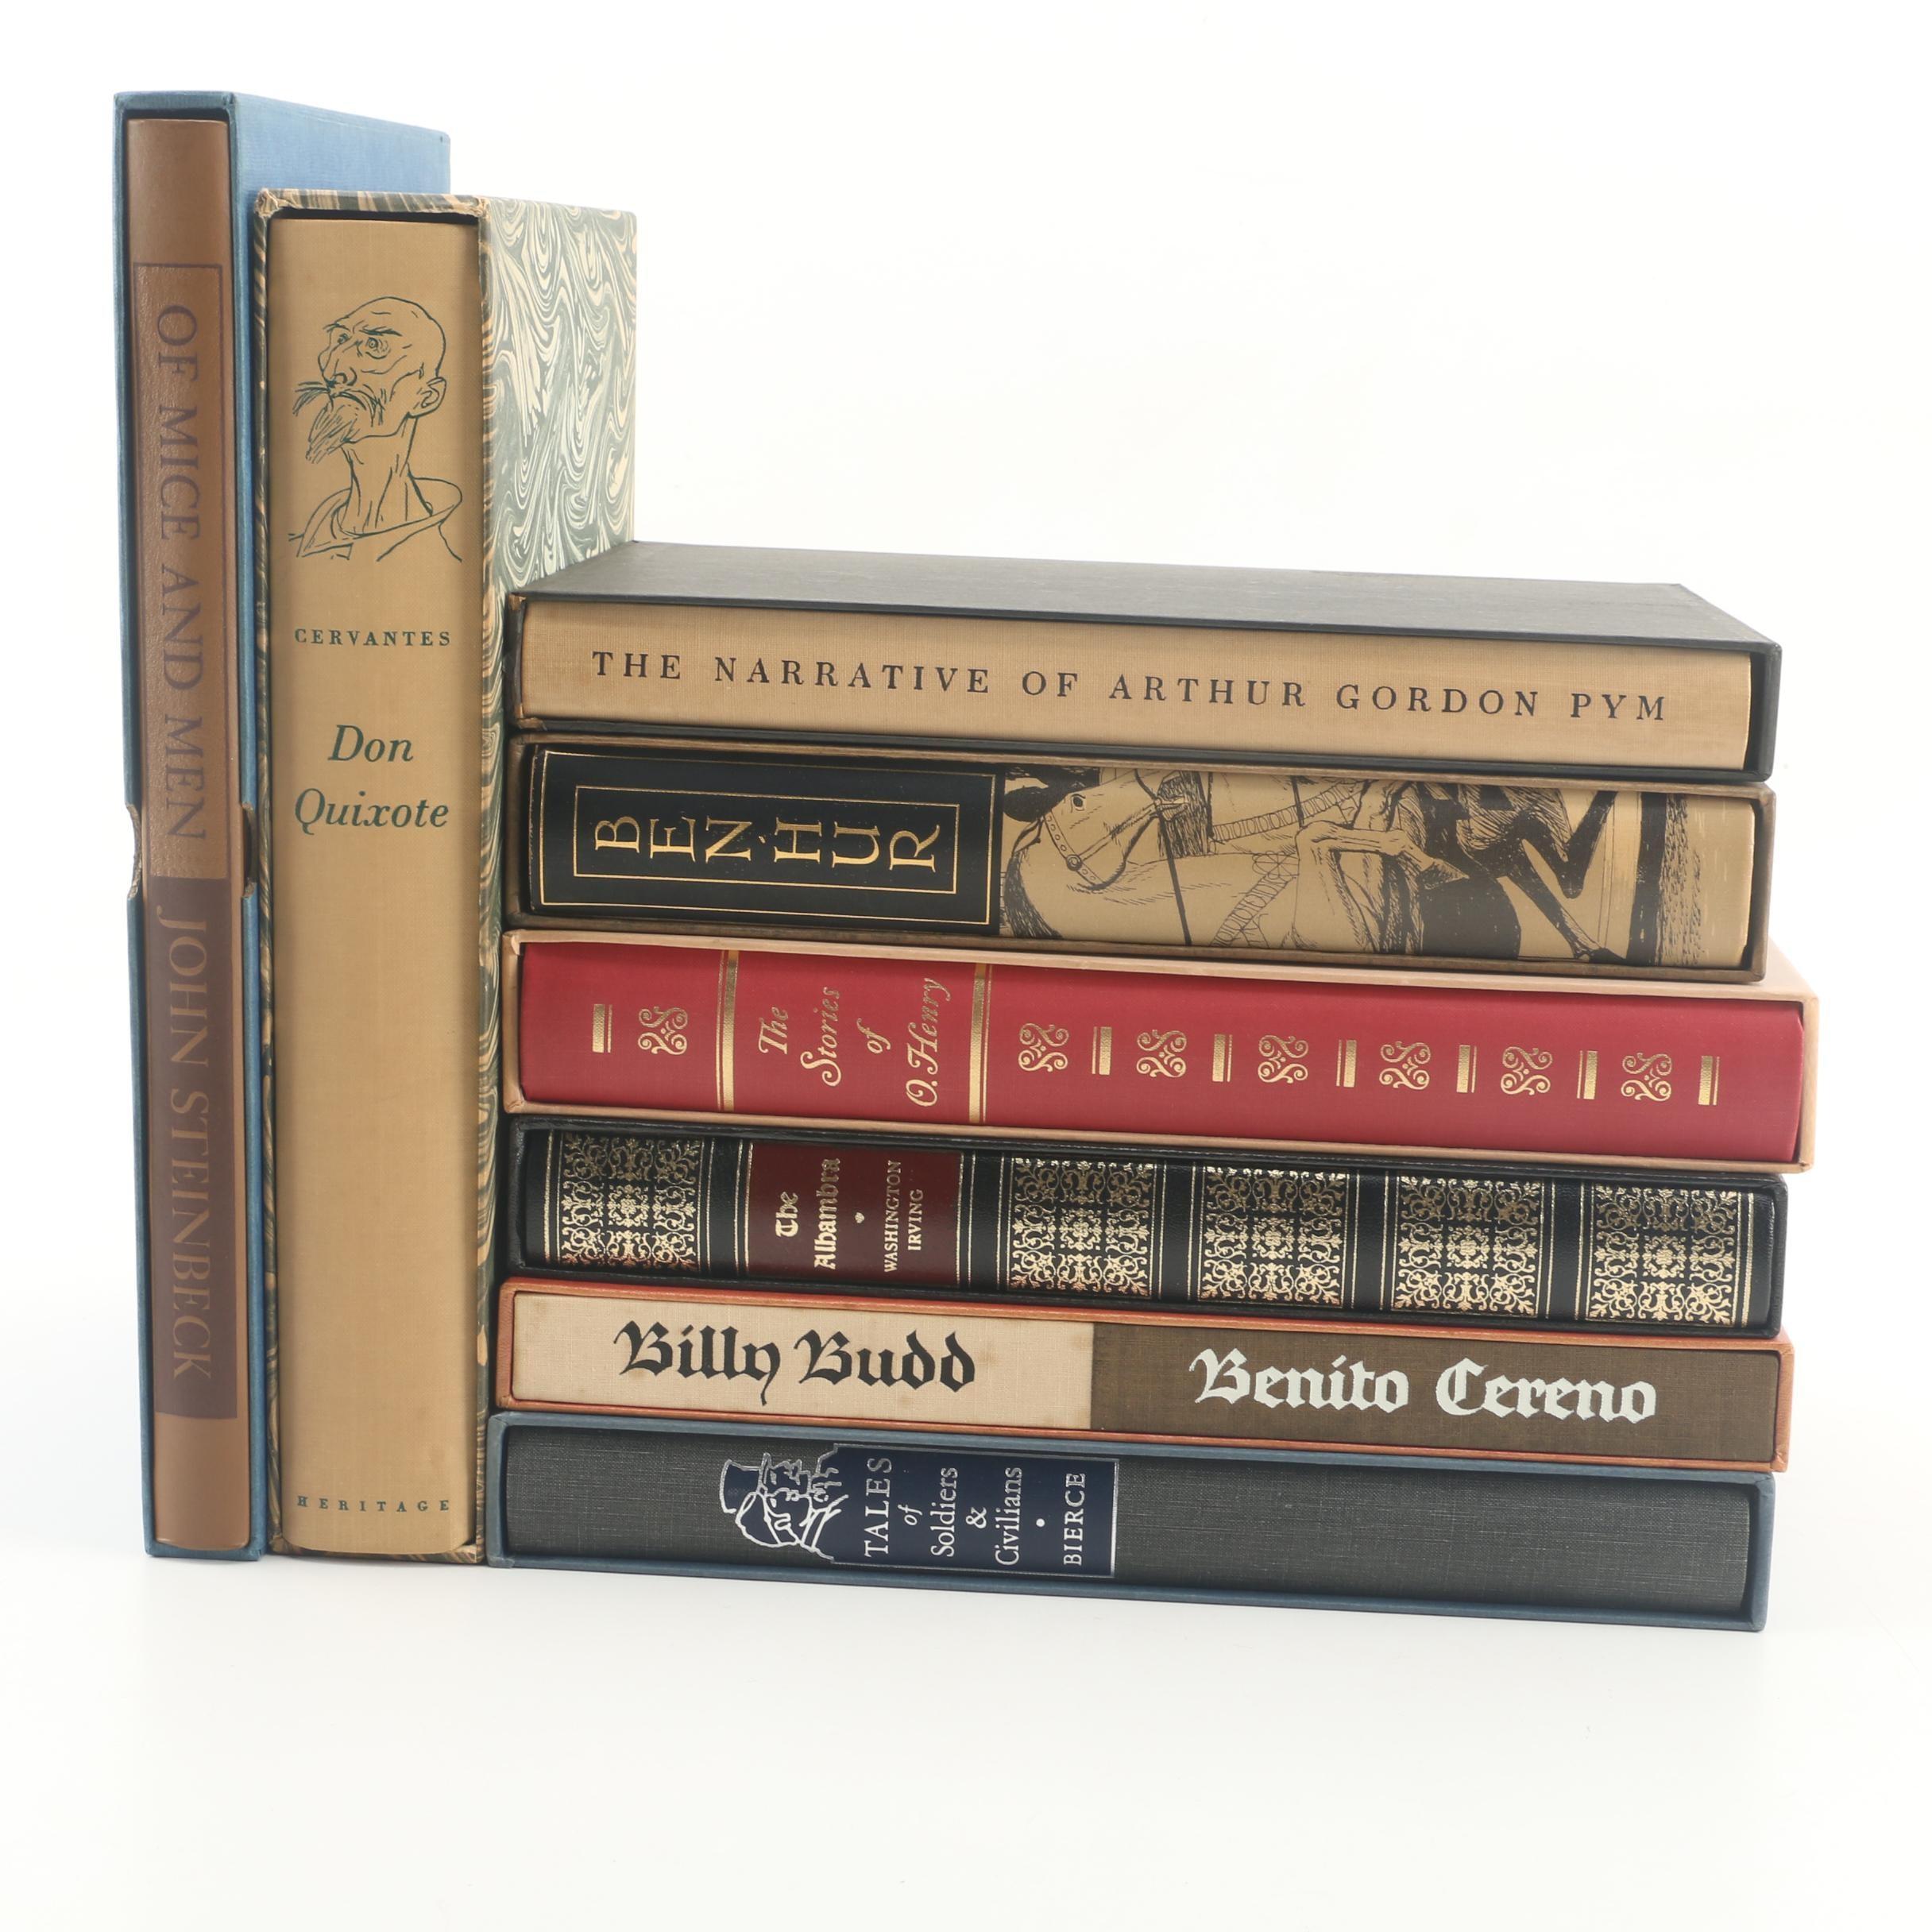 """Heritage Press Editions of Classics including """"Don Quixote"""""""